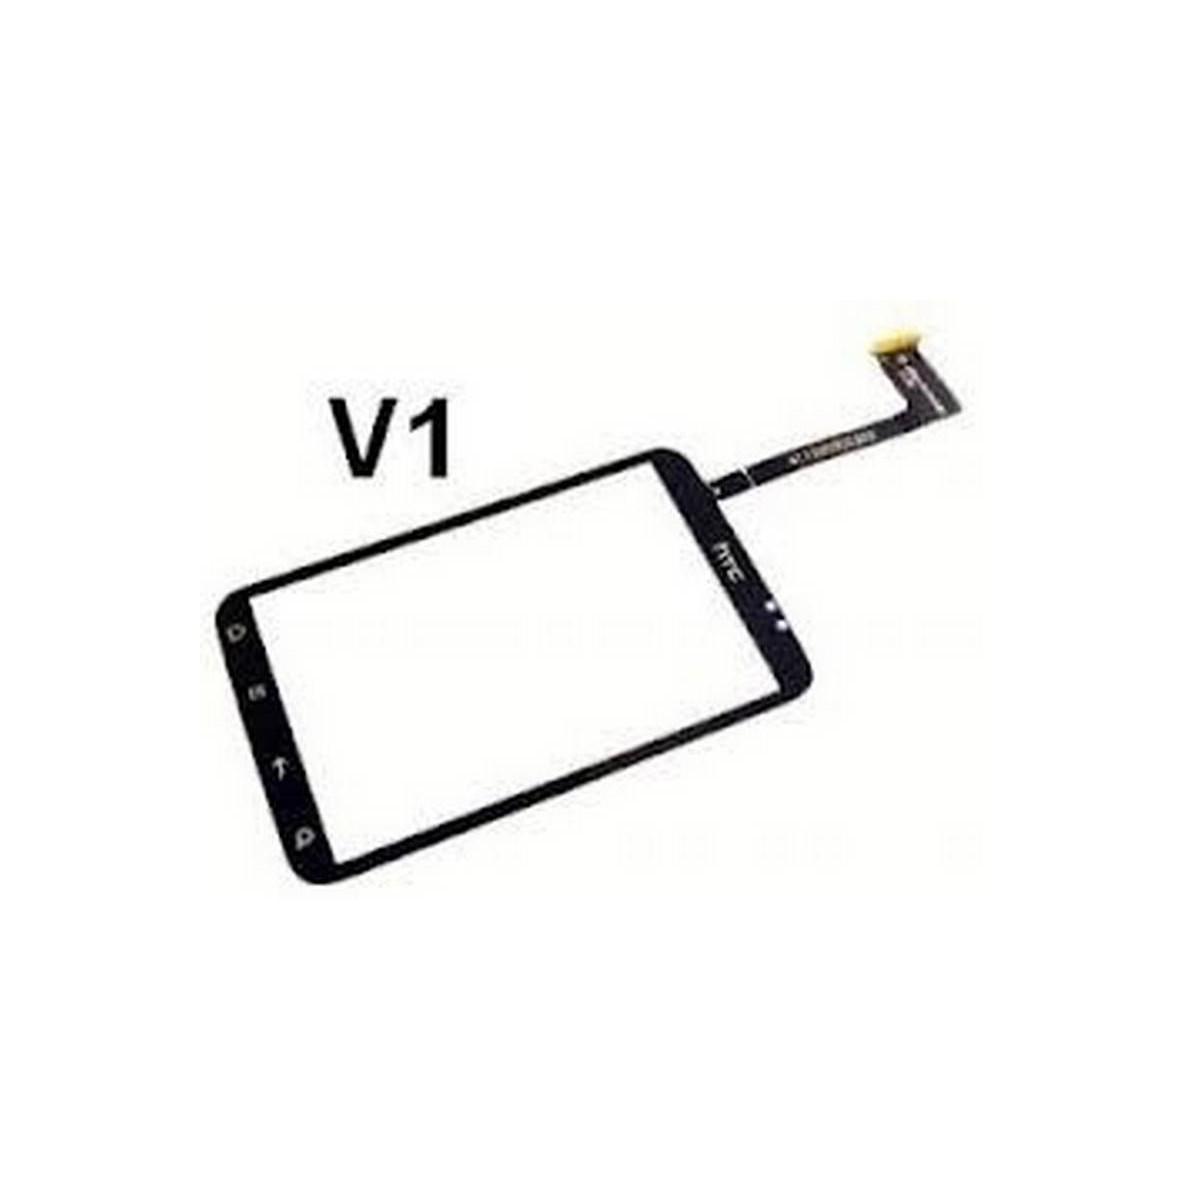 Pantalla táctil (Digitalizador) de HTC Wildfire S, A510E,G13 Versión 0694V-0---1